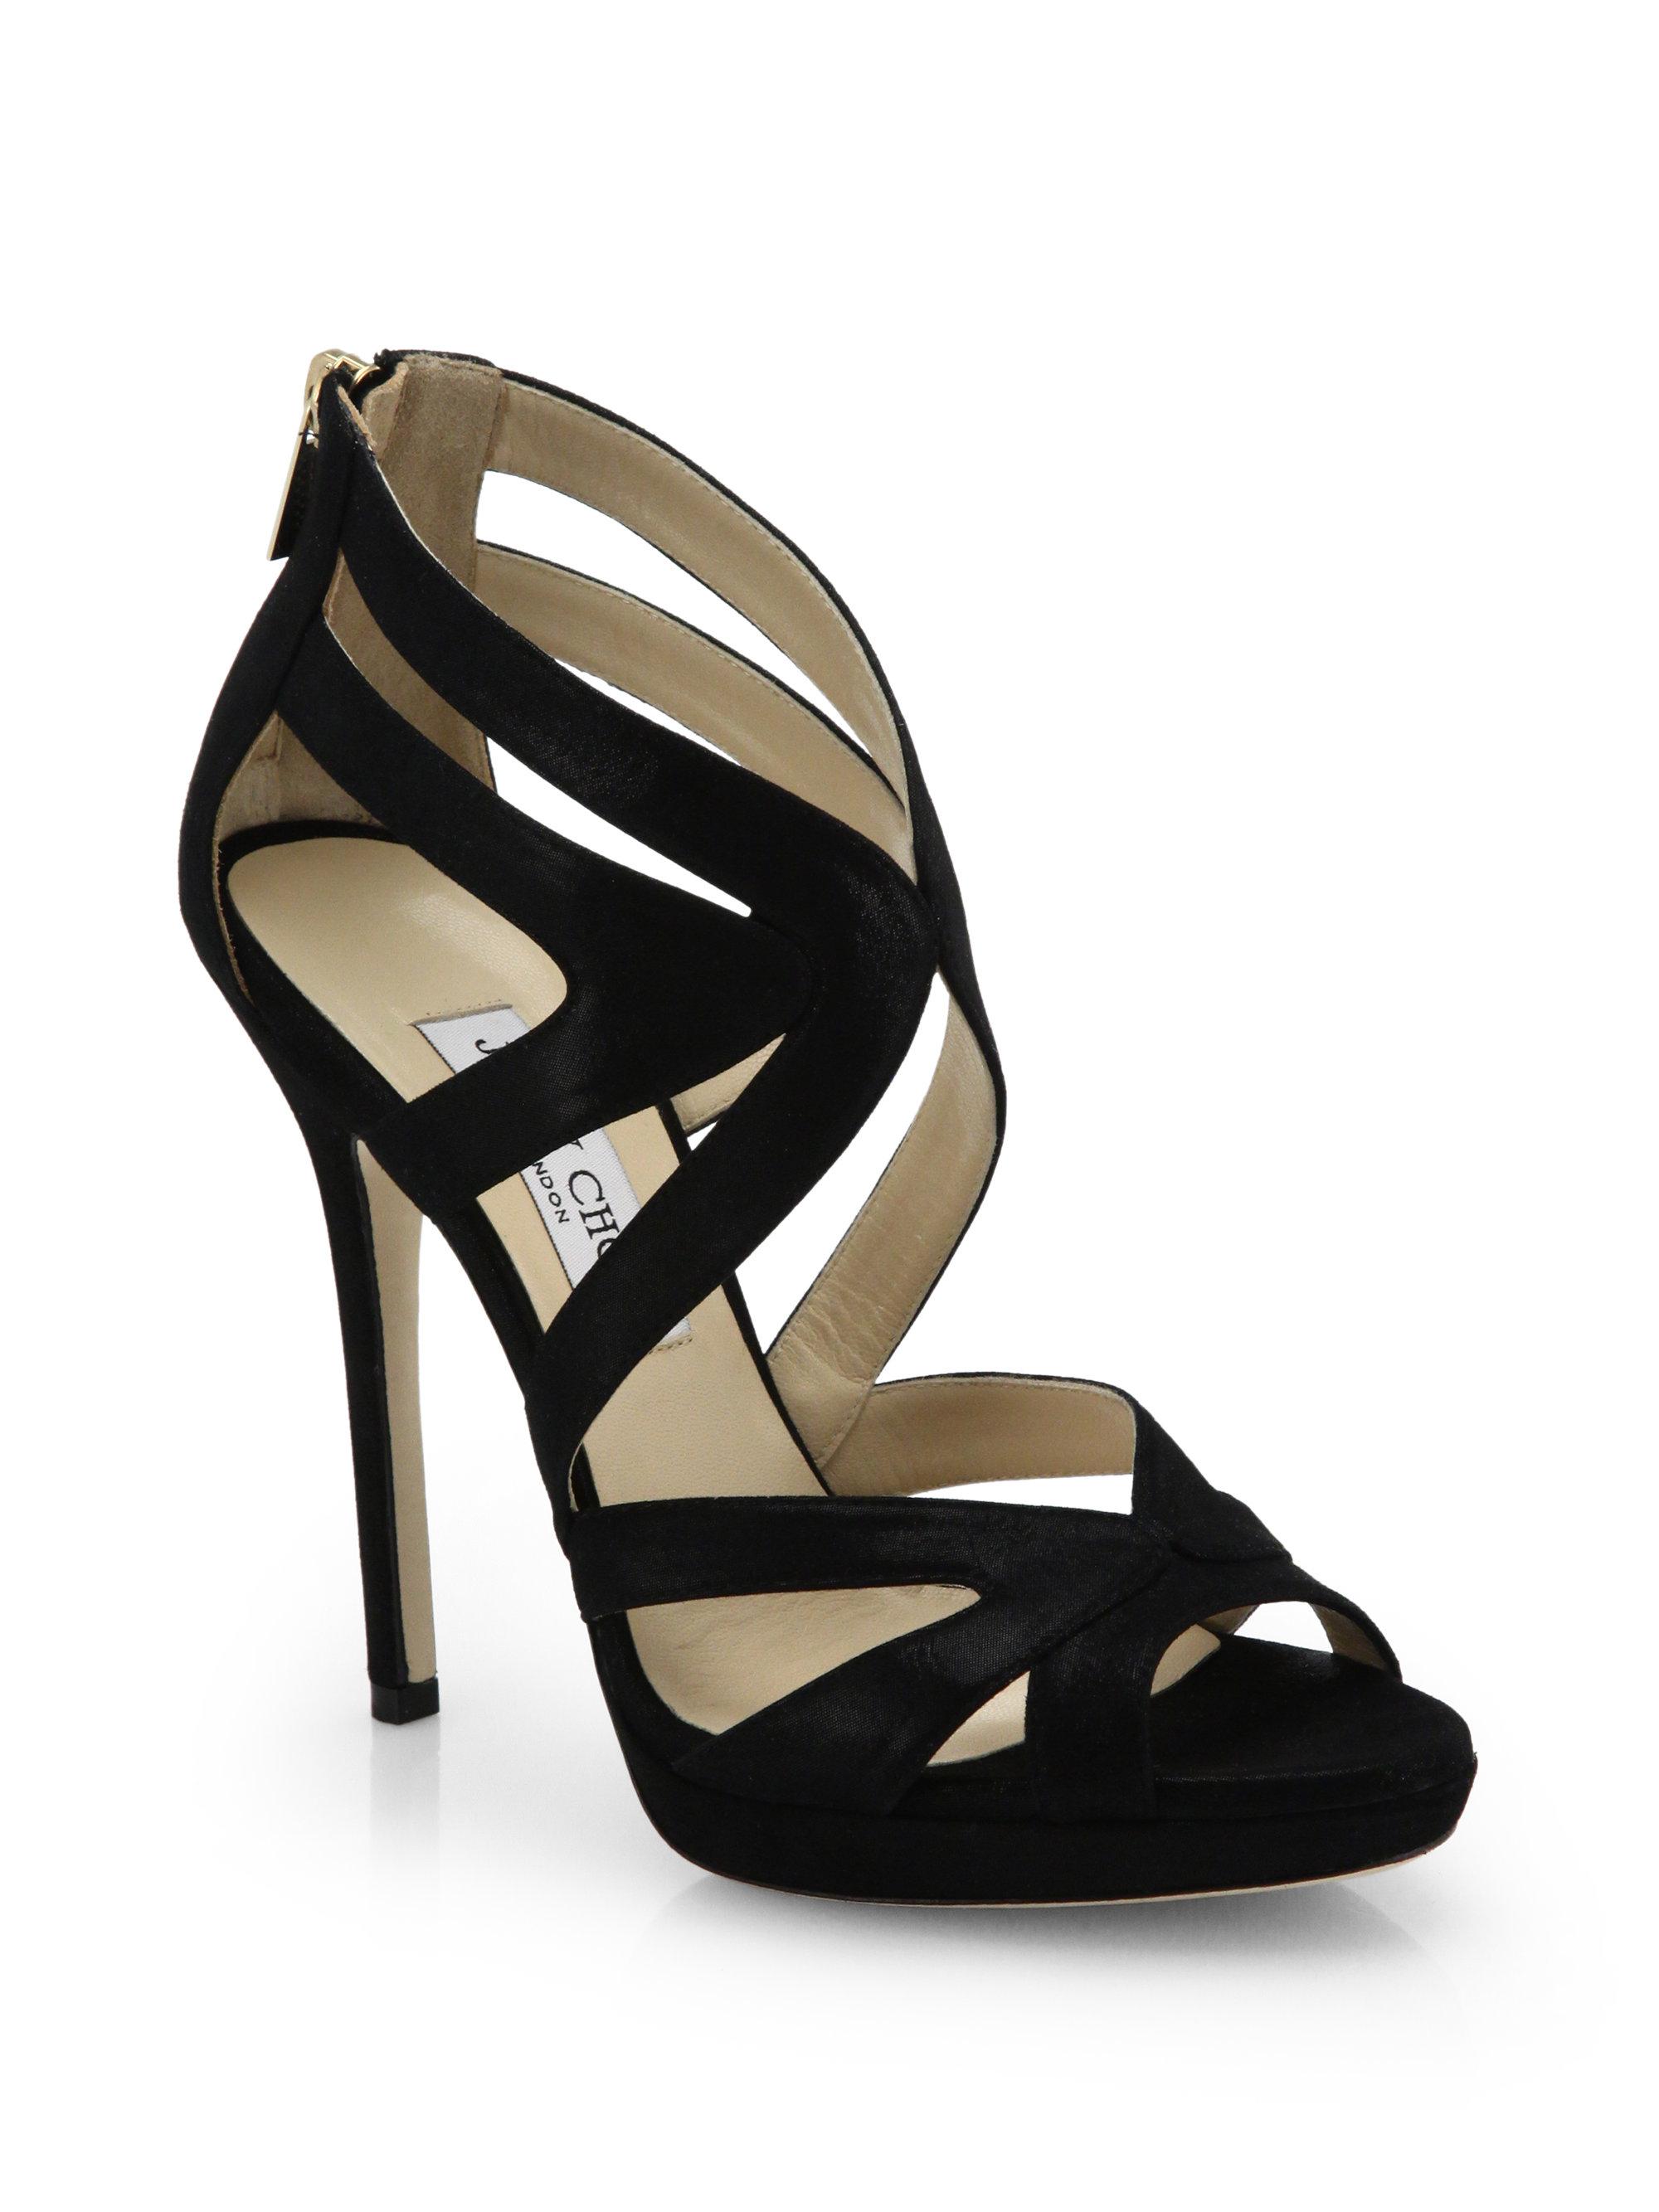 745e39afeef ... order lyst jimmy choo collar shimmer suede platform sandals in black  e372d 78d5a